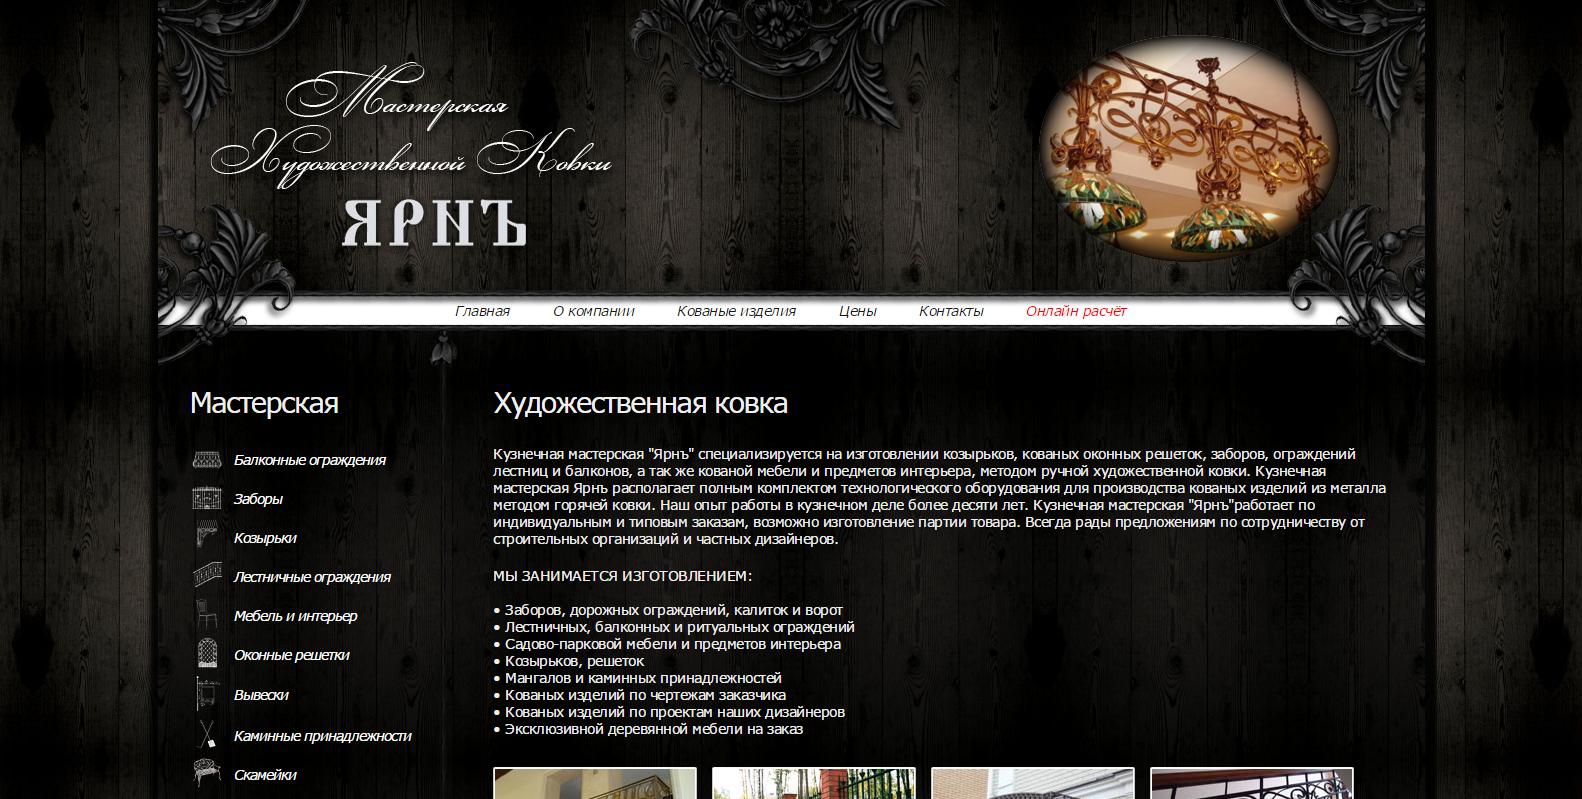 Сайт Ярнъ